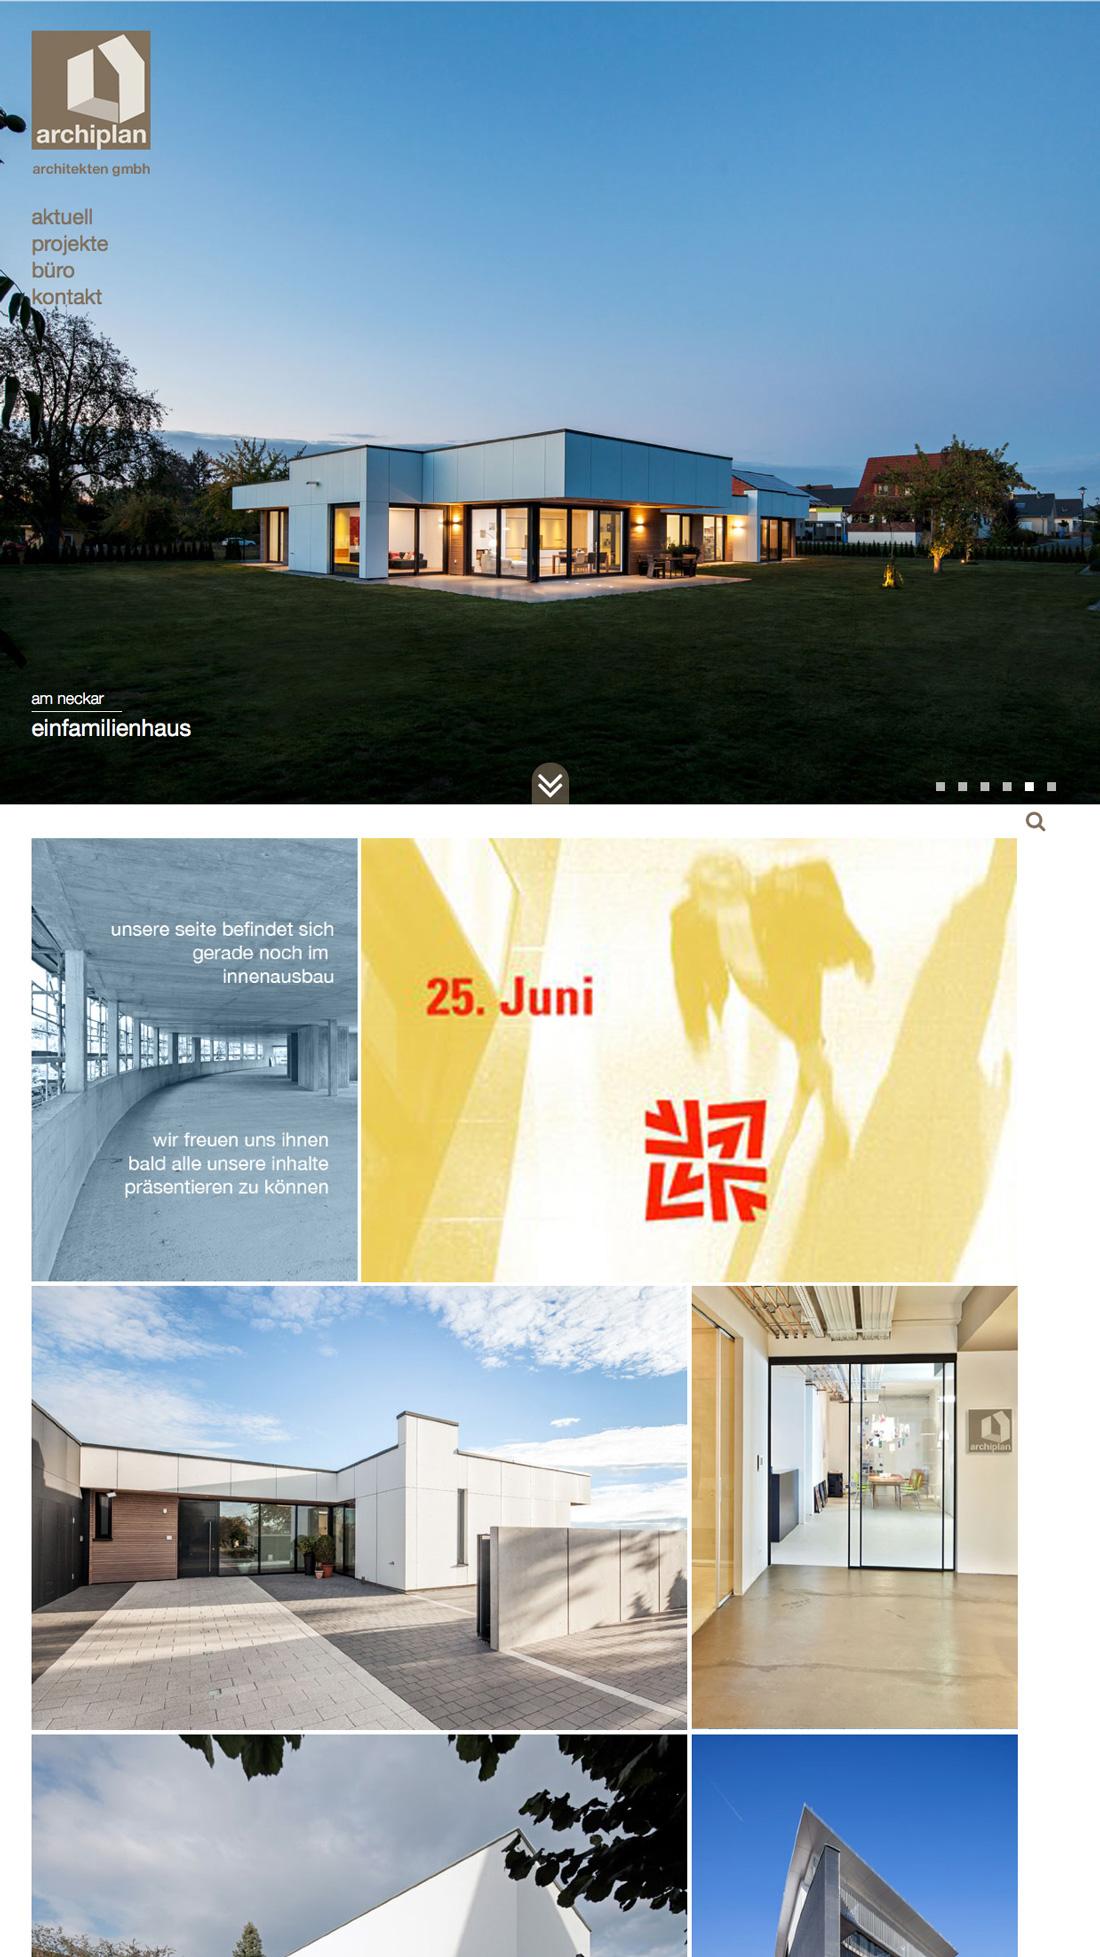 archiplan architekten gmbh